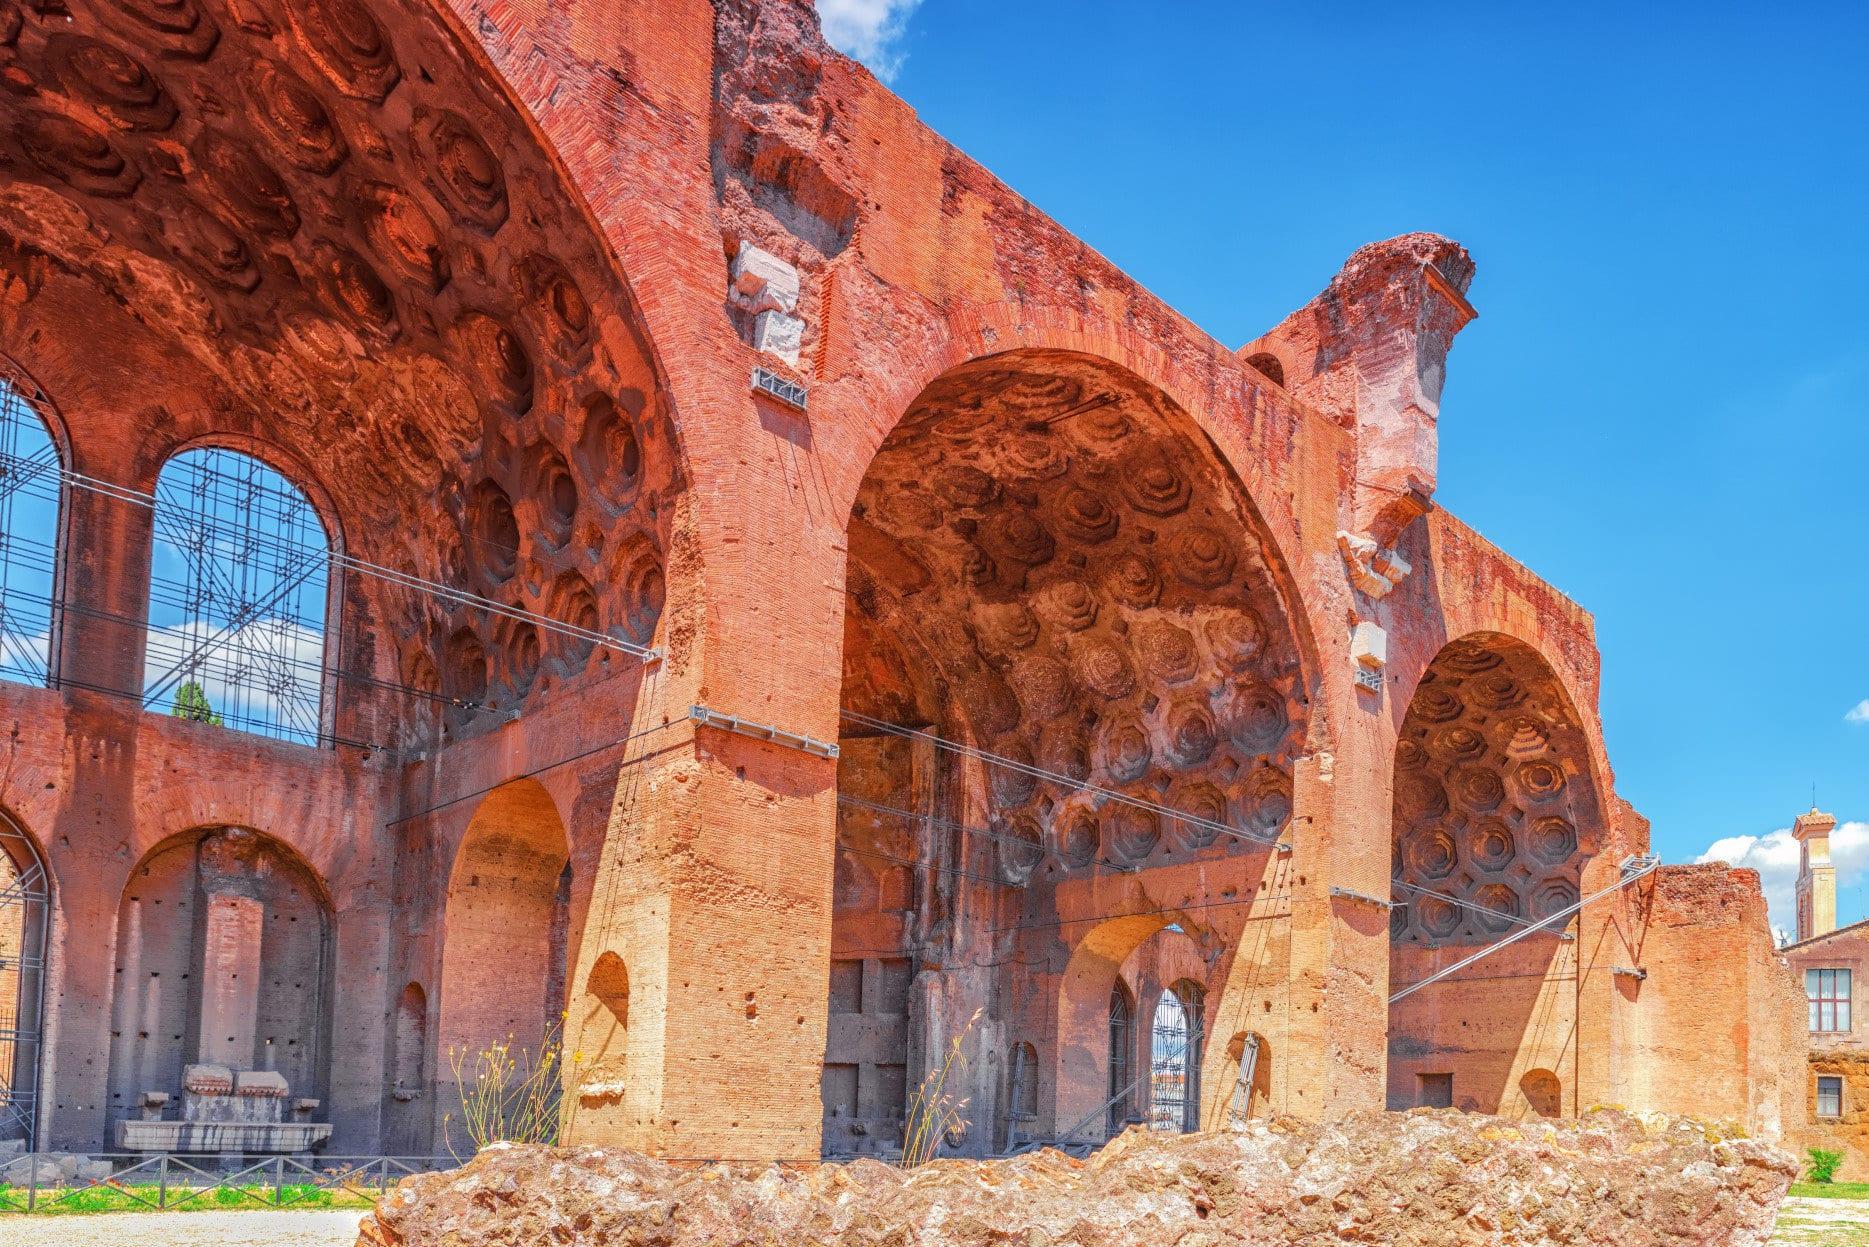 Basilica of Maxentius (Basilica di Massenzio).